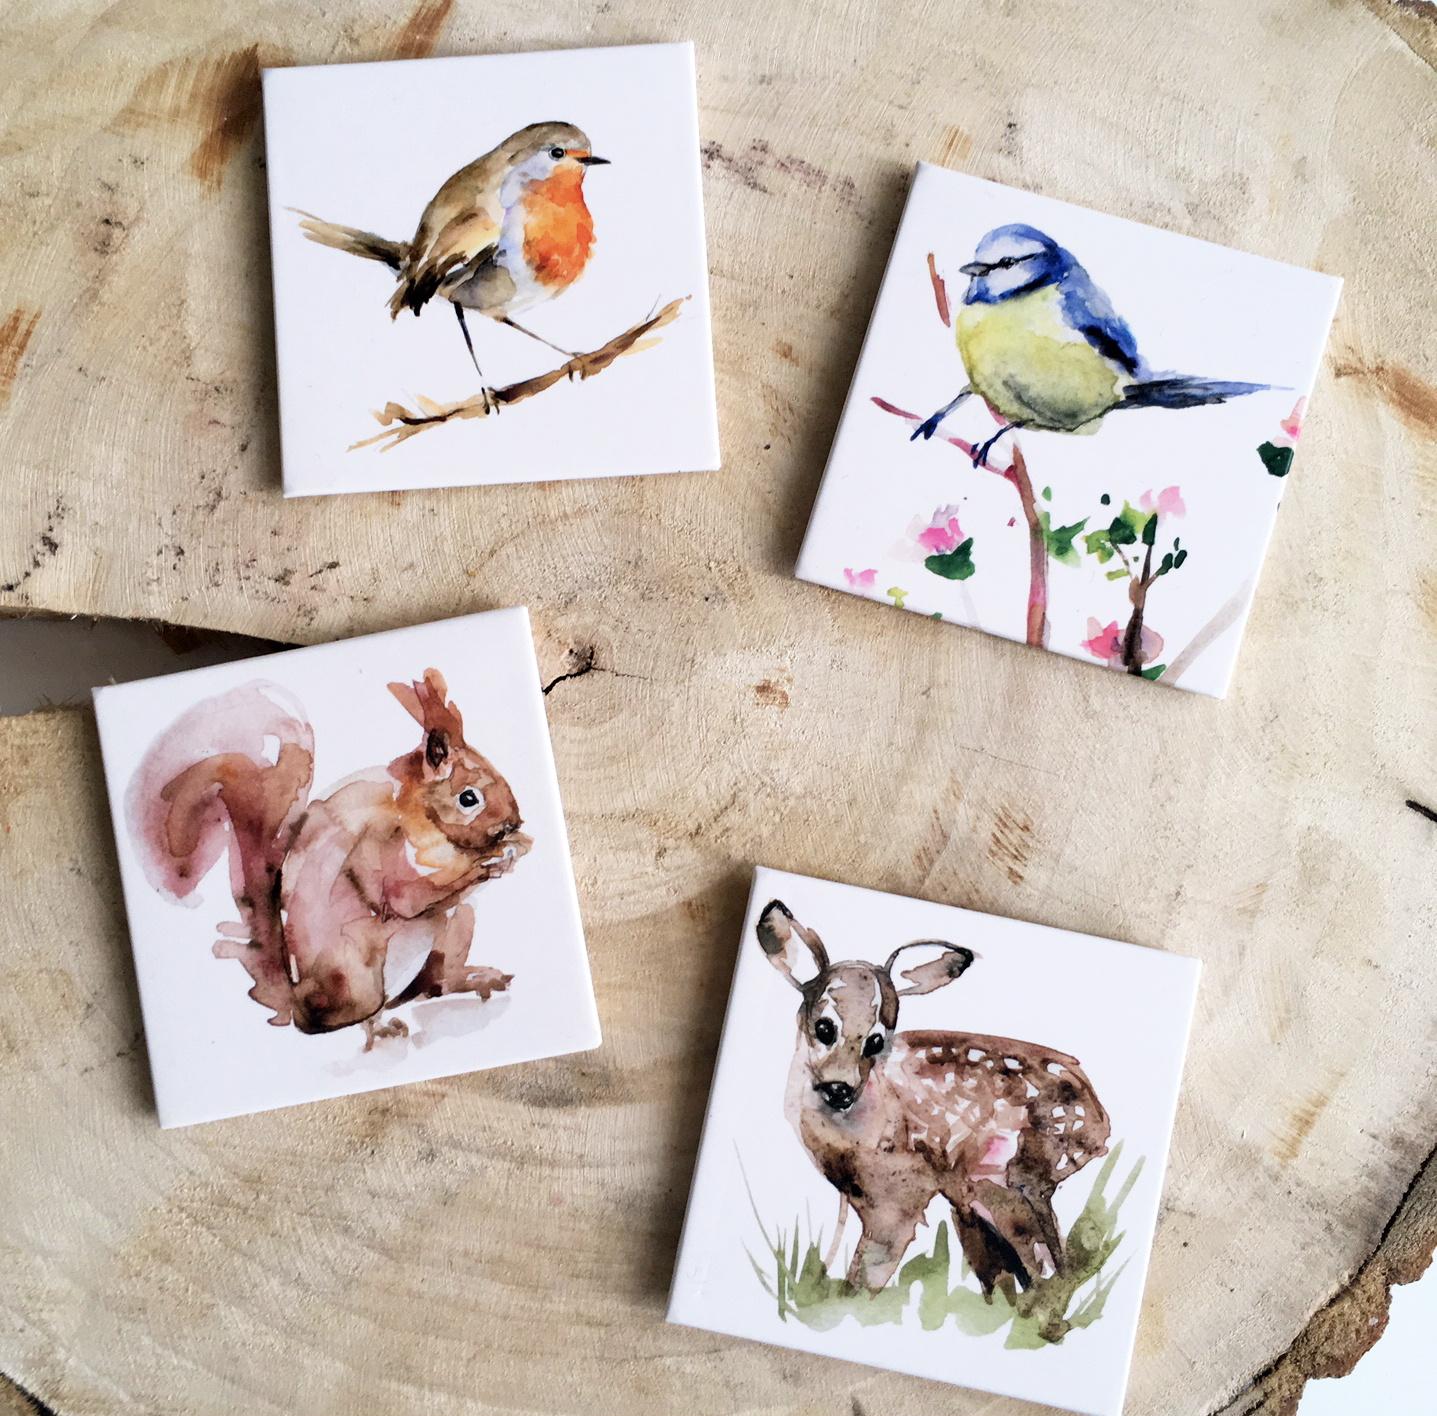 4 Fidge magnets by Michelle Dujardin